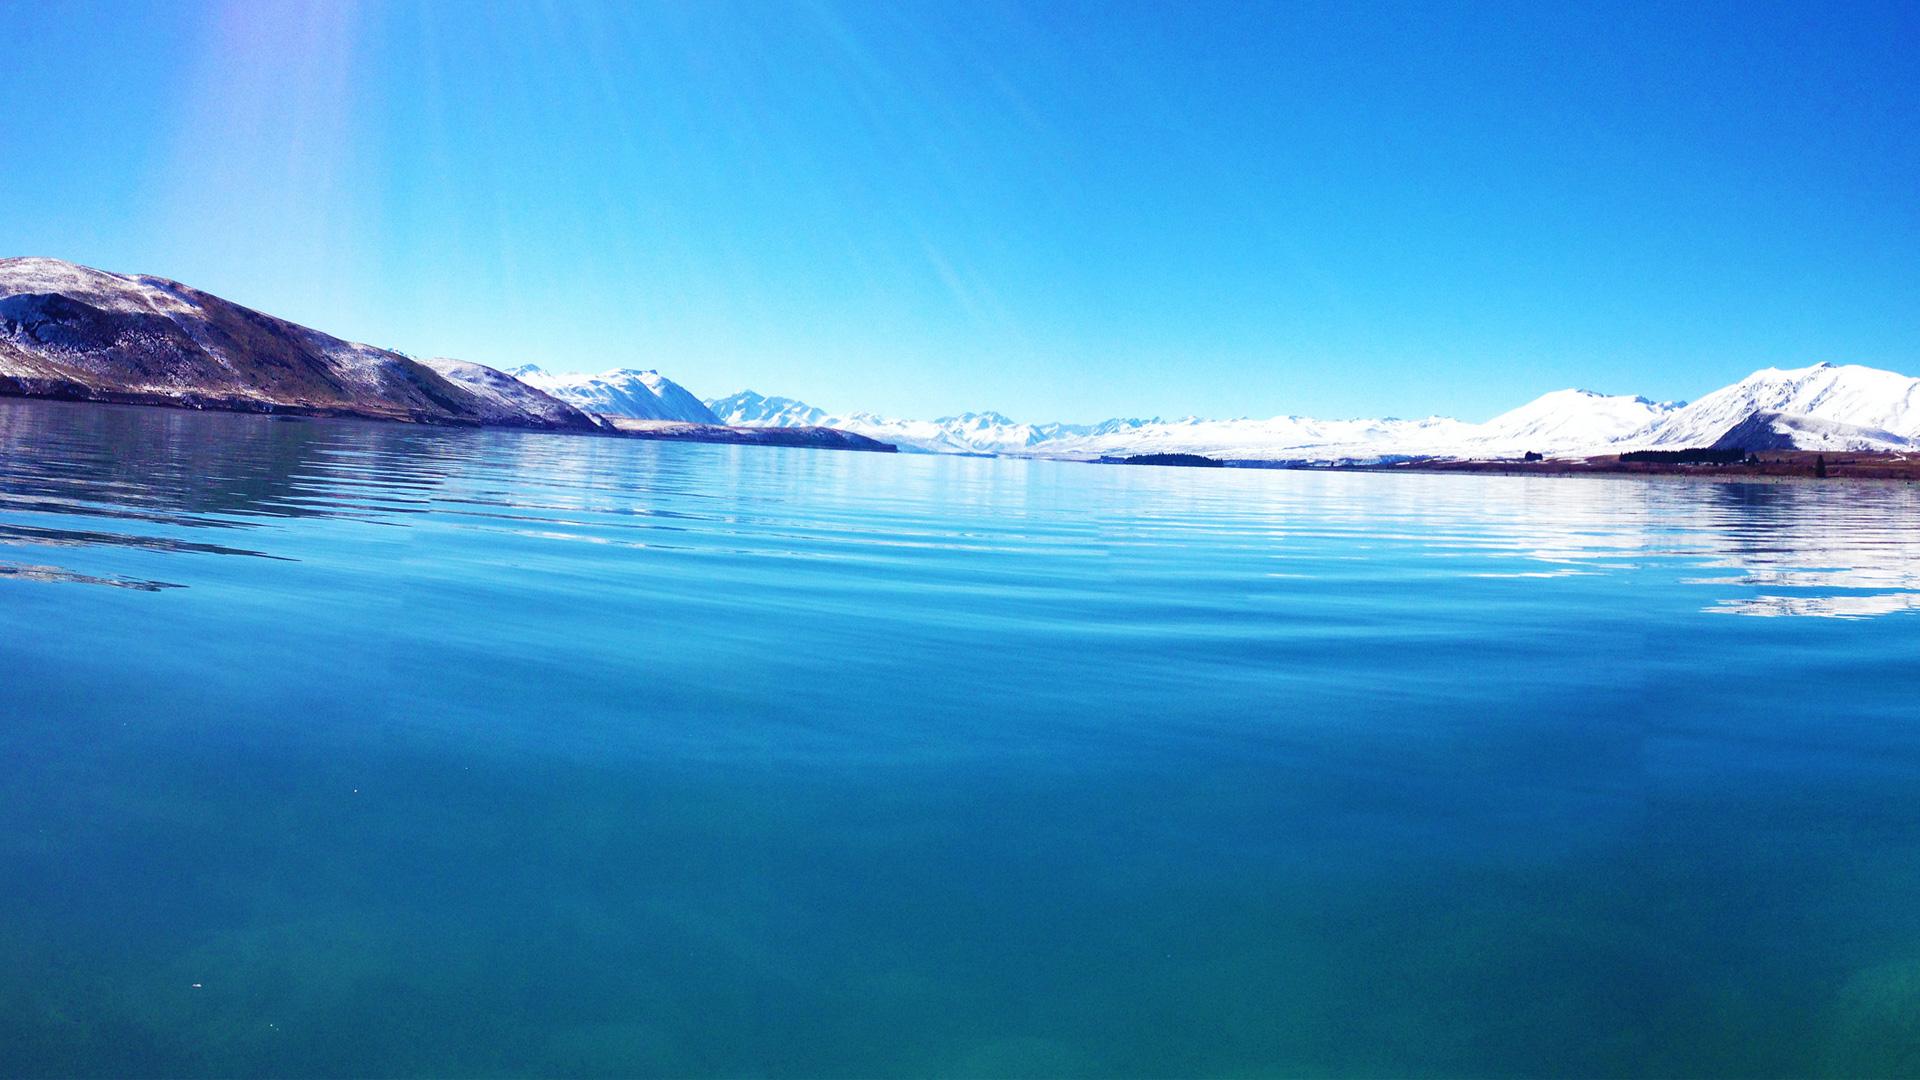 Озеро текапо район Маккензи Новой Зеландии. обои скачать